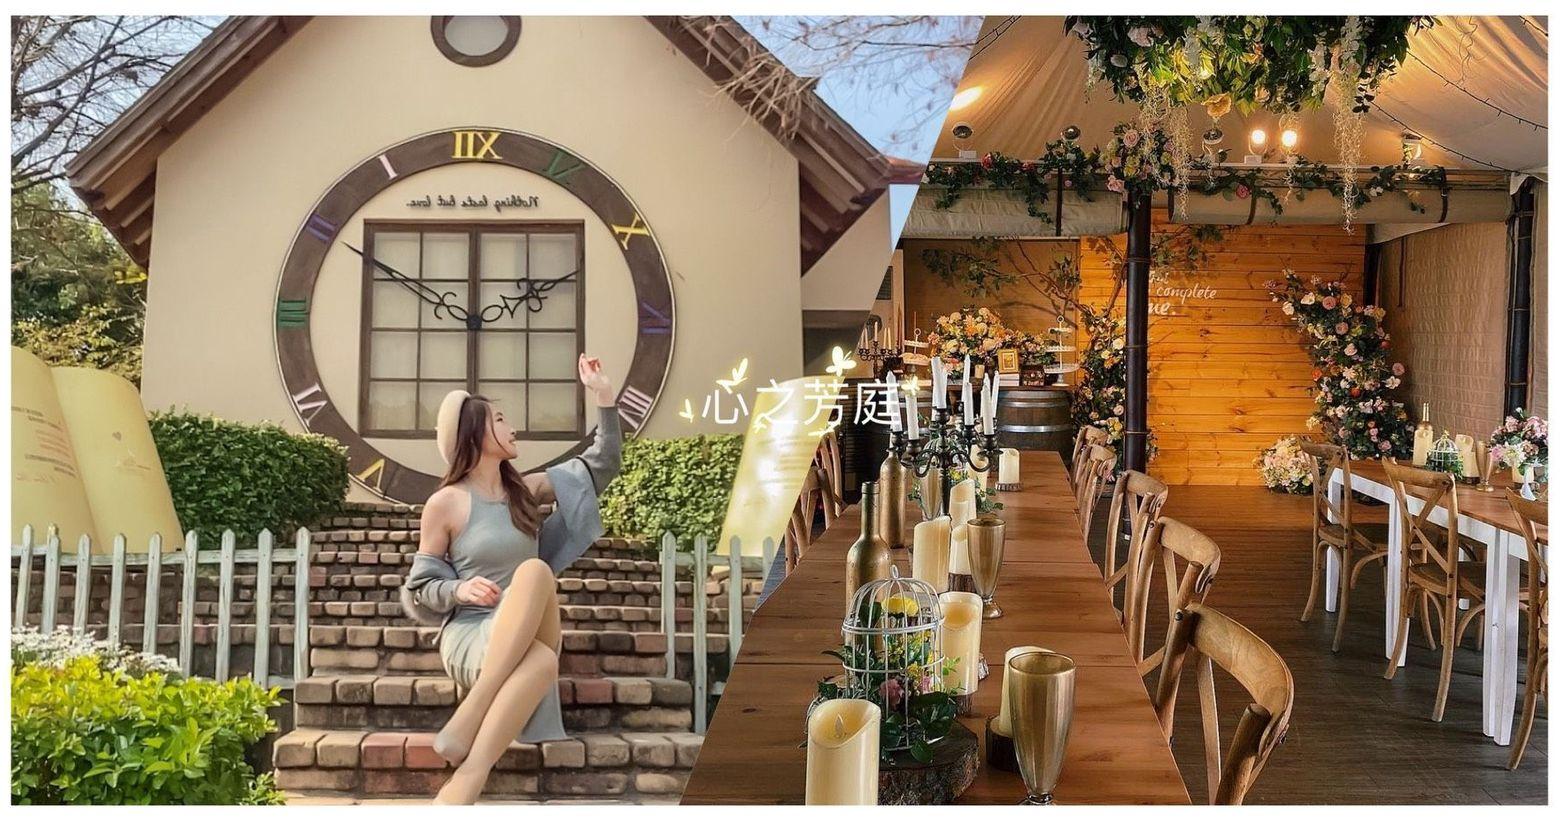 心之芳庭│情侶必來!浪漫爆棚約會景點,歐洲莊園與戶外婚禮位於台中大坑的心之芳庭,裡面充滿歐式建築與落